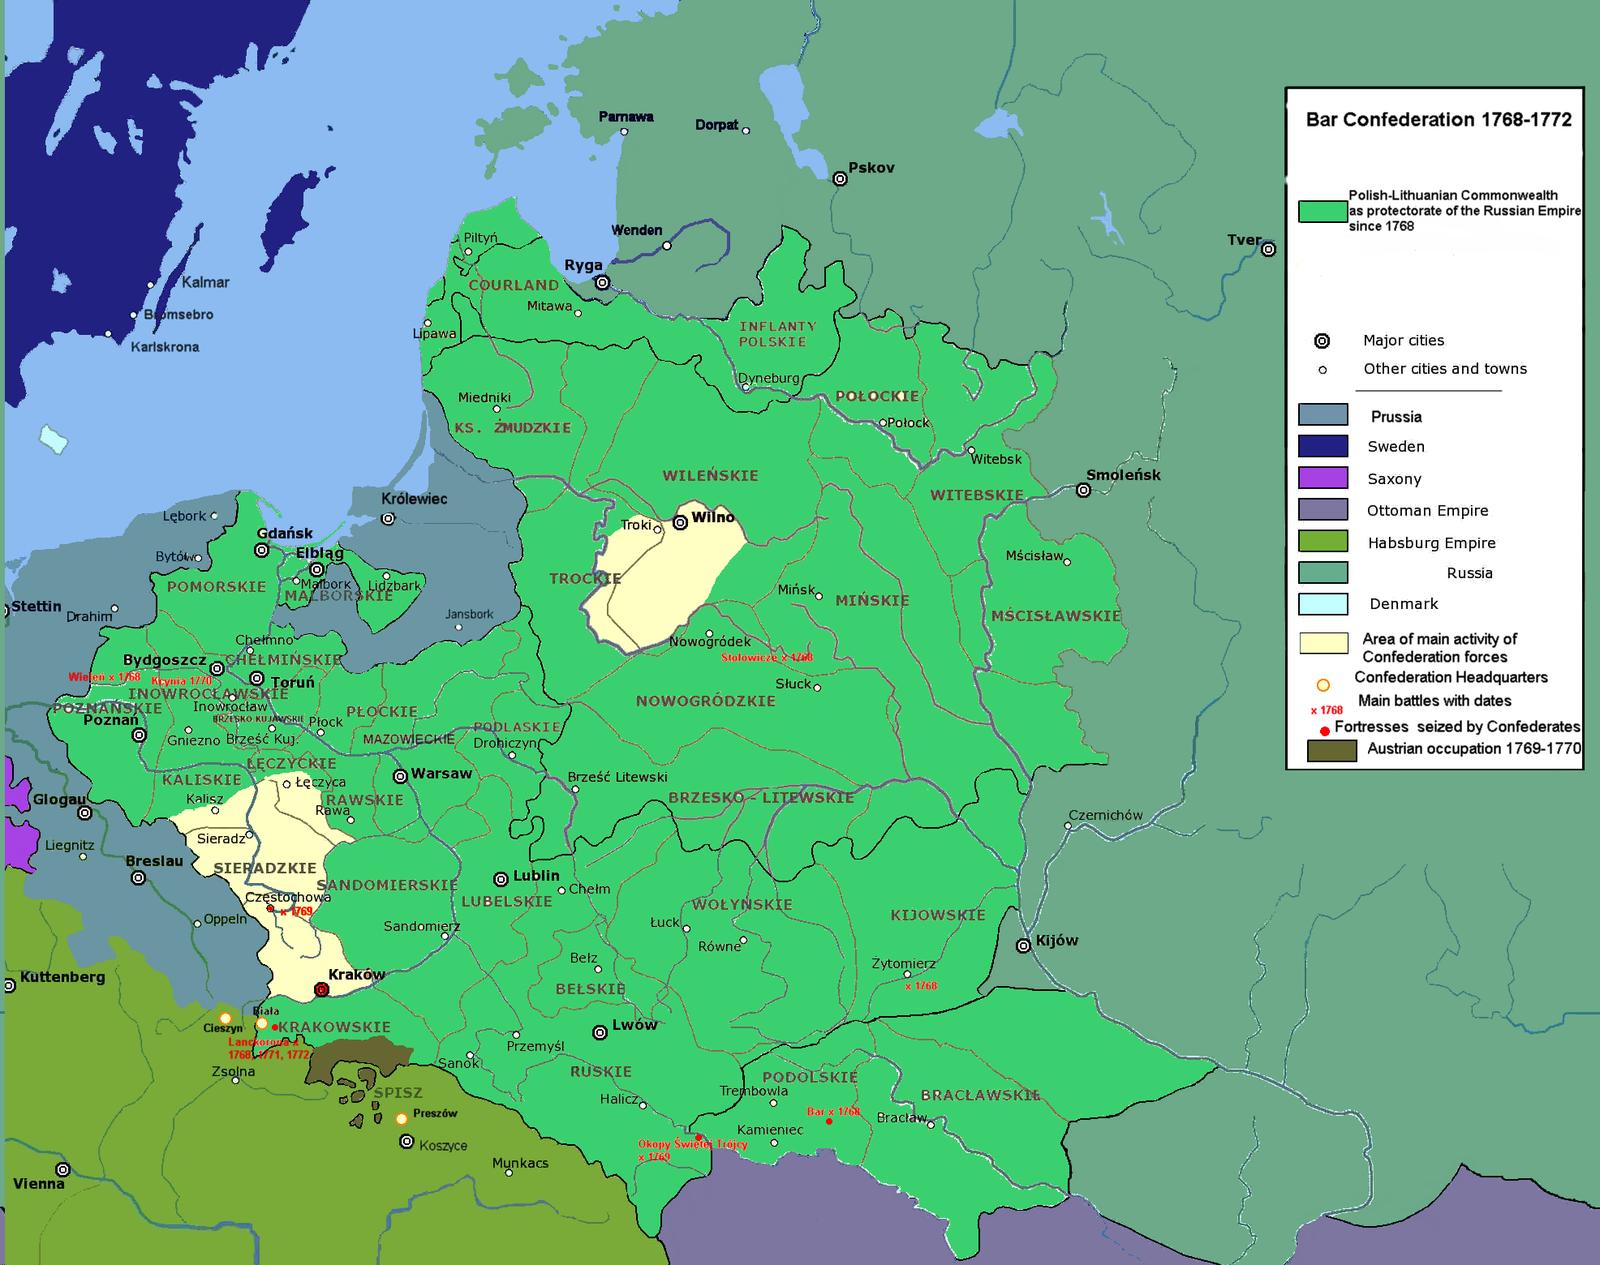 Война с Барской конфедерацией 1768-1772 гг.